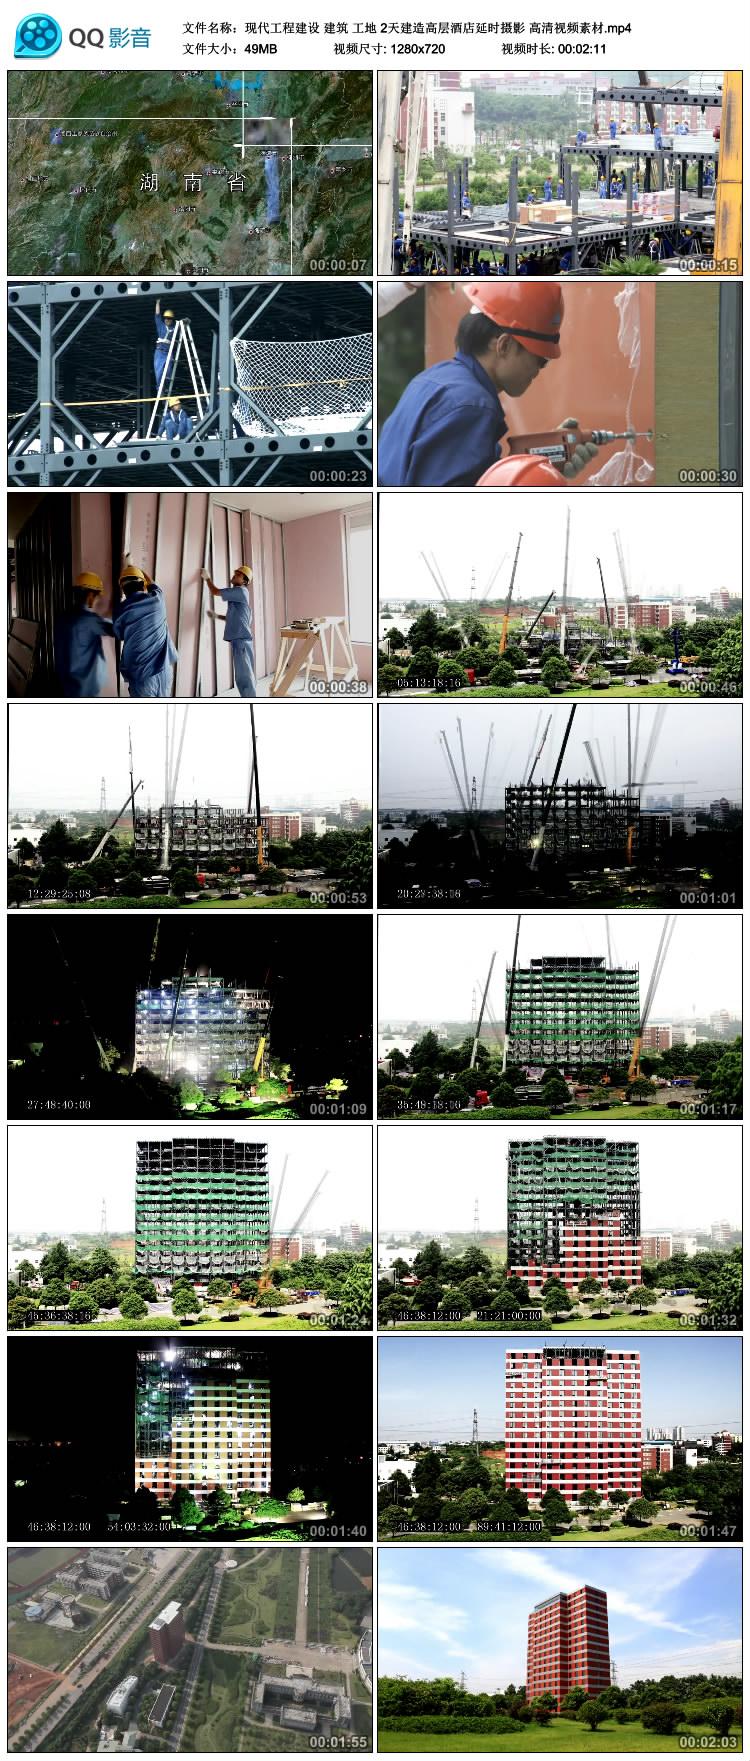 现代工程建设 建筑 工地 2天建造高层酒店延时摄影 高清视频素材